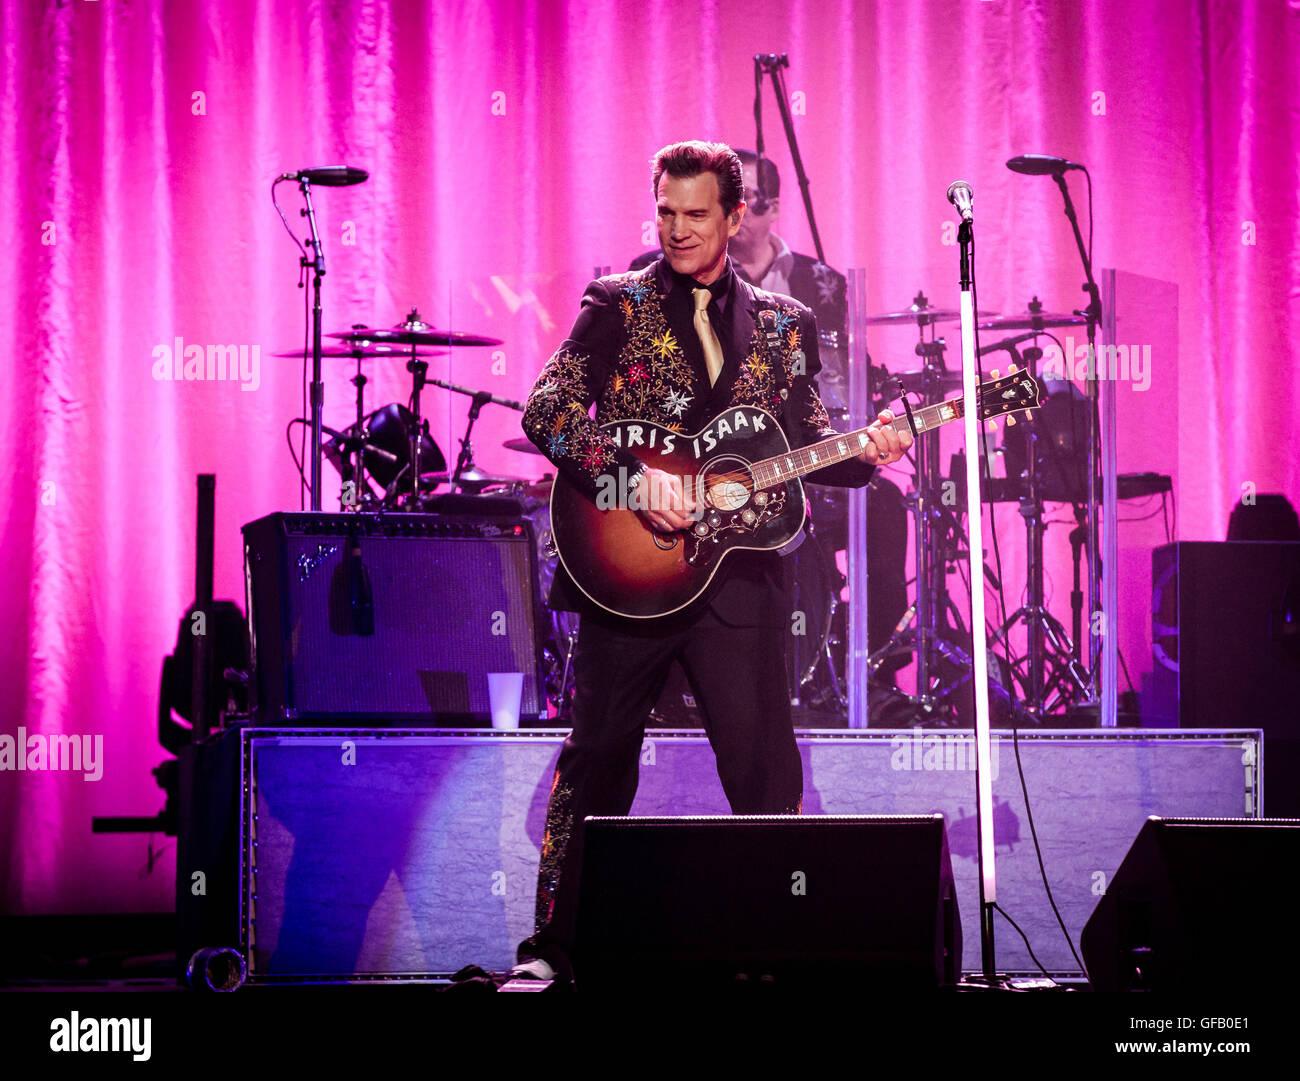 Las Vegas, Nevada, USA. 30 juillet, 2016. Chris Isaak effectue au niveau de l'articulation du Hard Rock Hotel & Casino à Las Vegas, NV le 30 juillet 2016. Crédit: Erik Kabik Photographie/ MediaPunch Banque D'Images